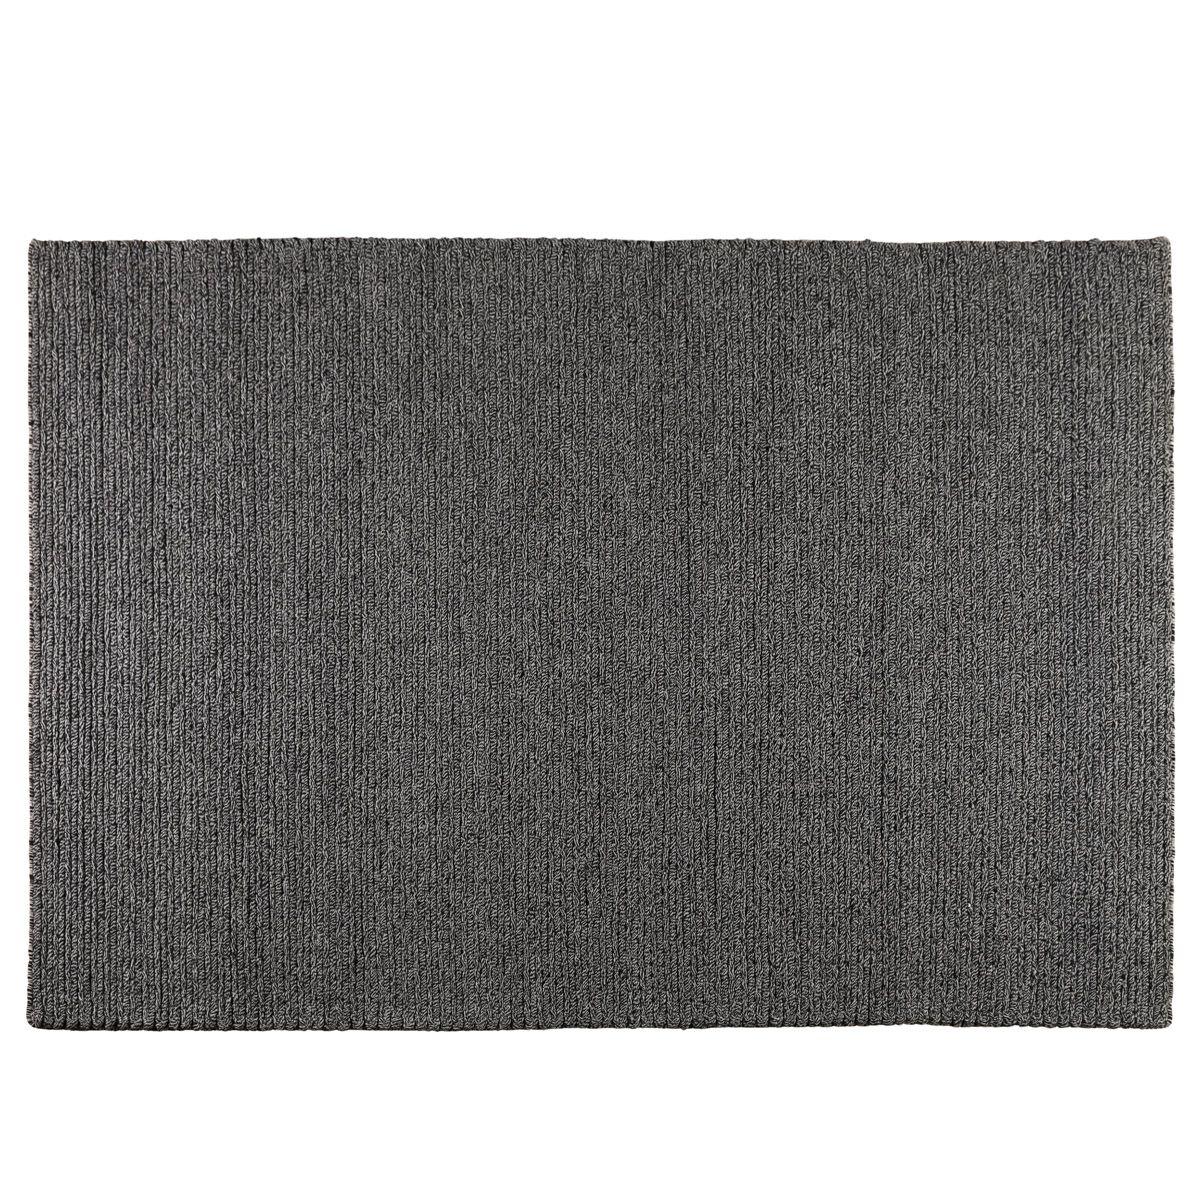 Tapis blanc et noir en laine 160 x 230 cm